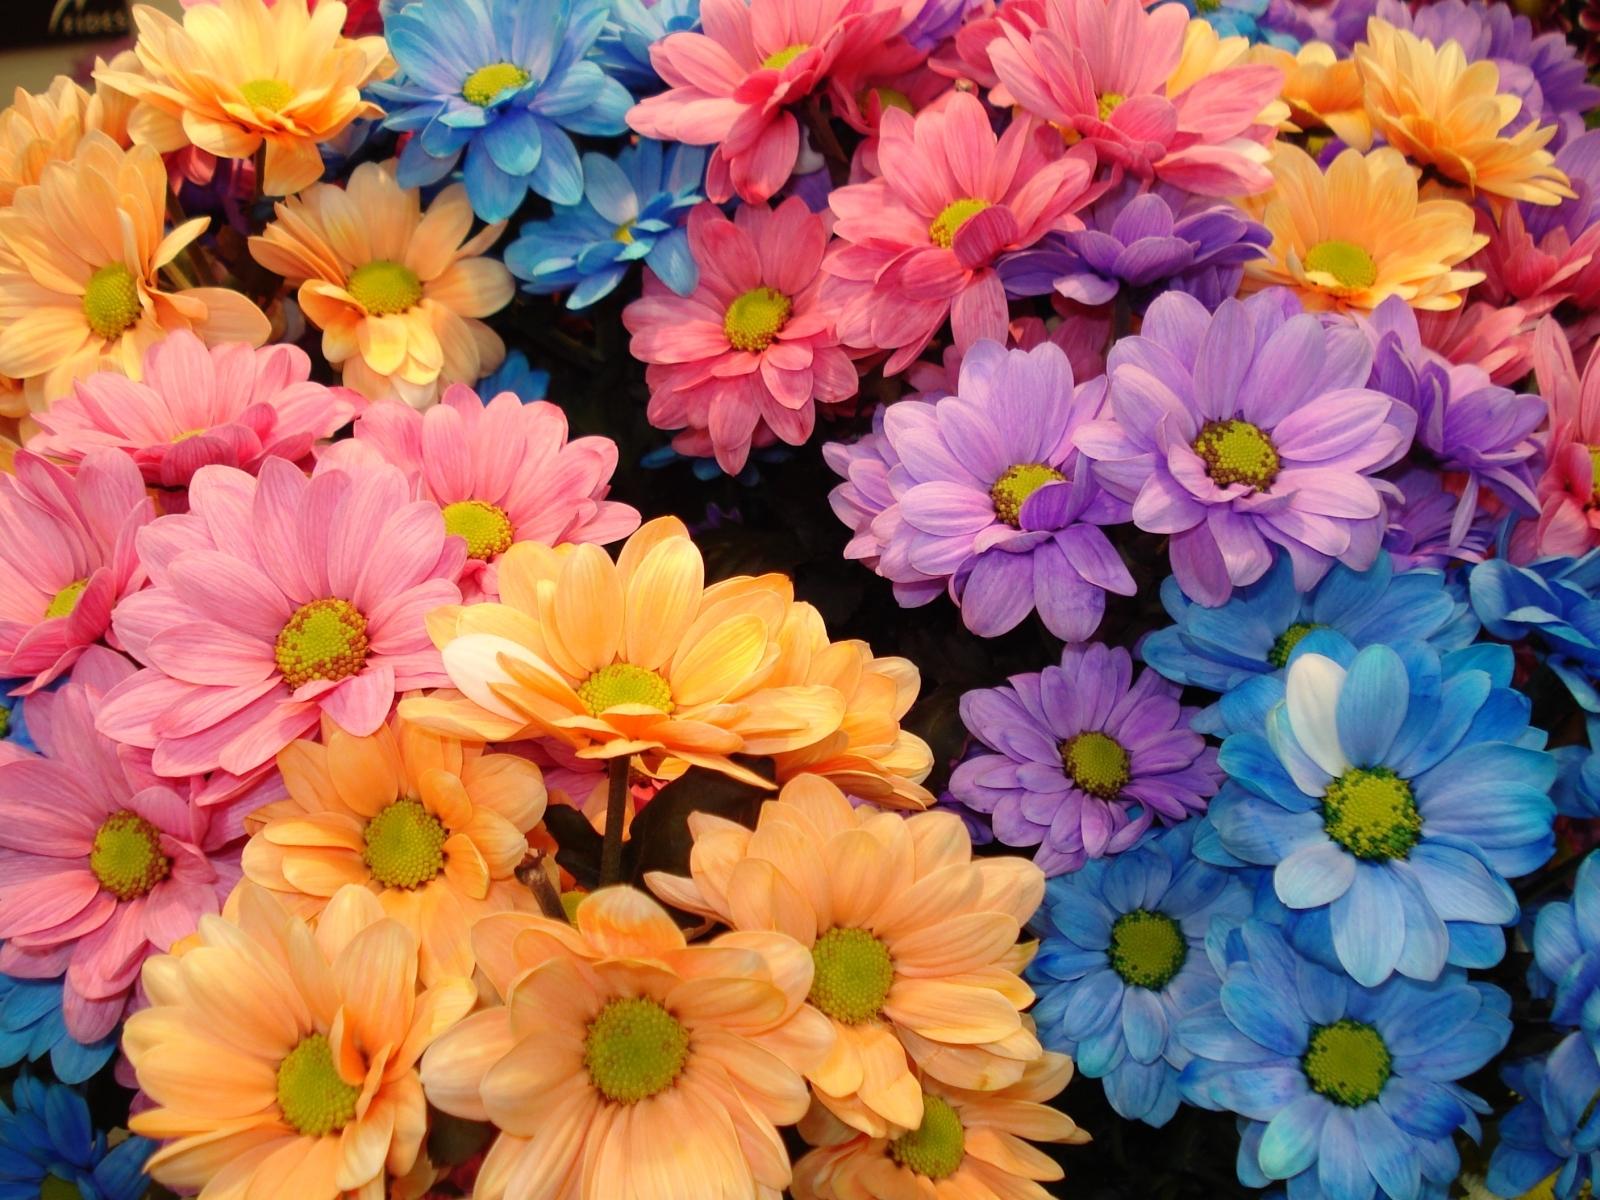 6096 скачать обои Растения, Хризантемы, Фон, Цветы - заставки и картинки бесплатно